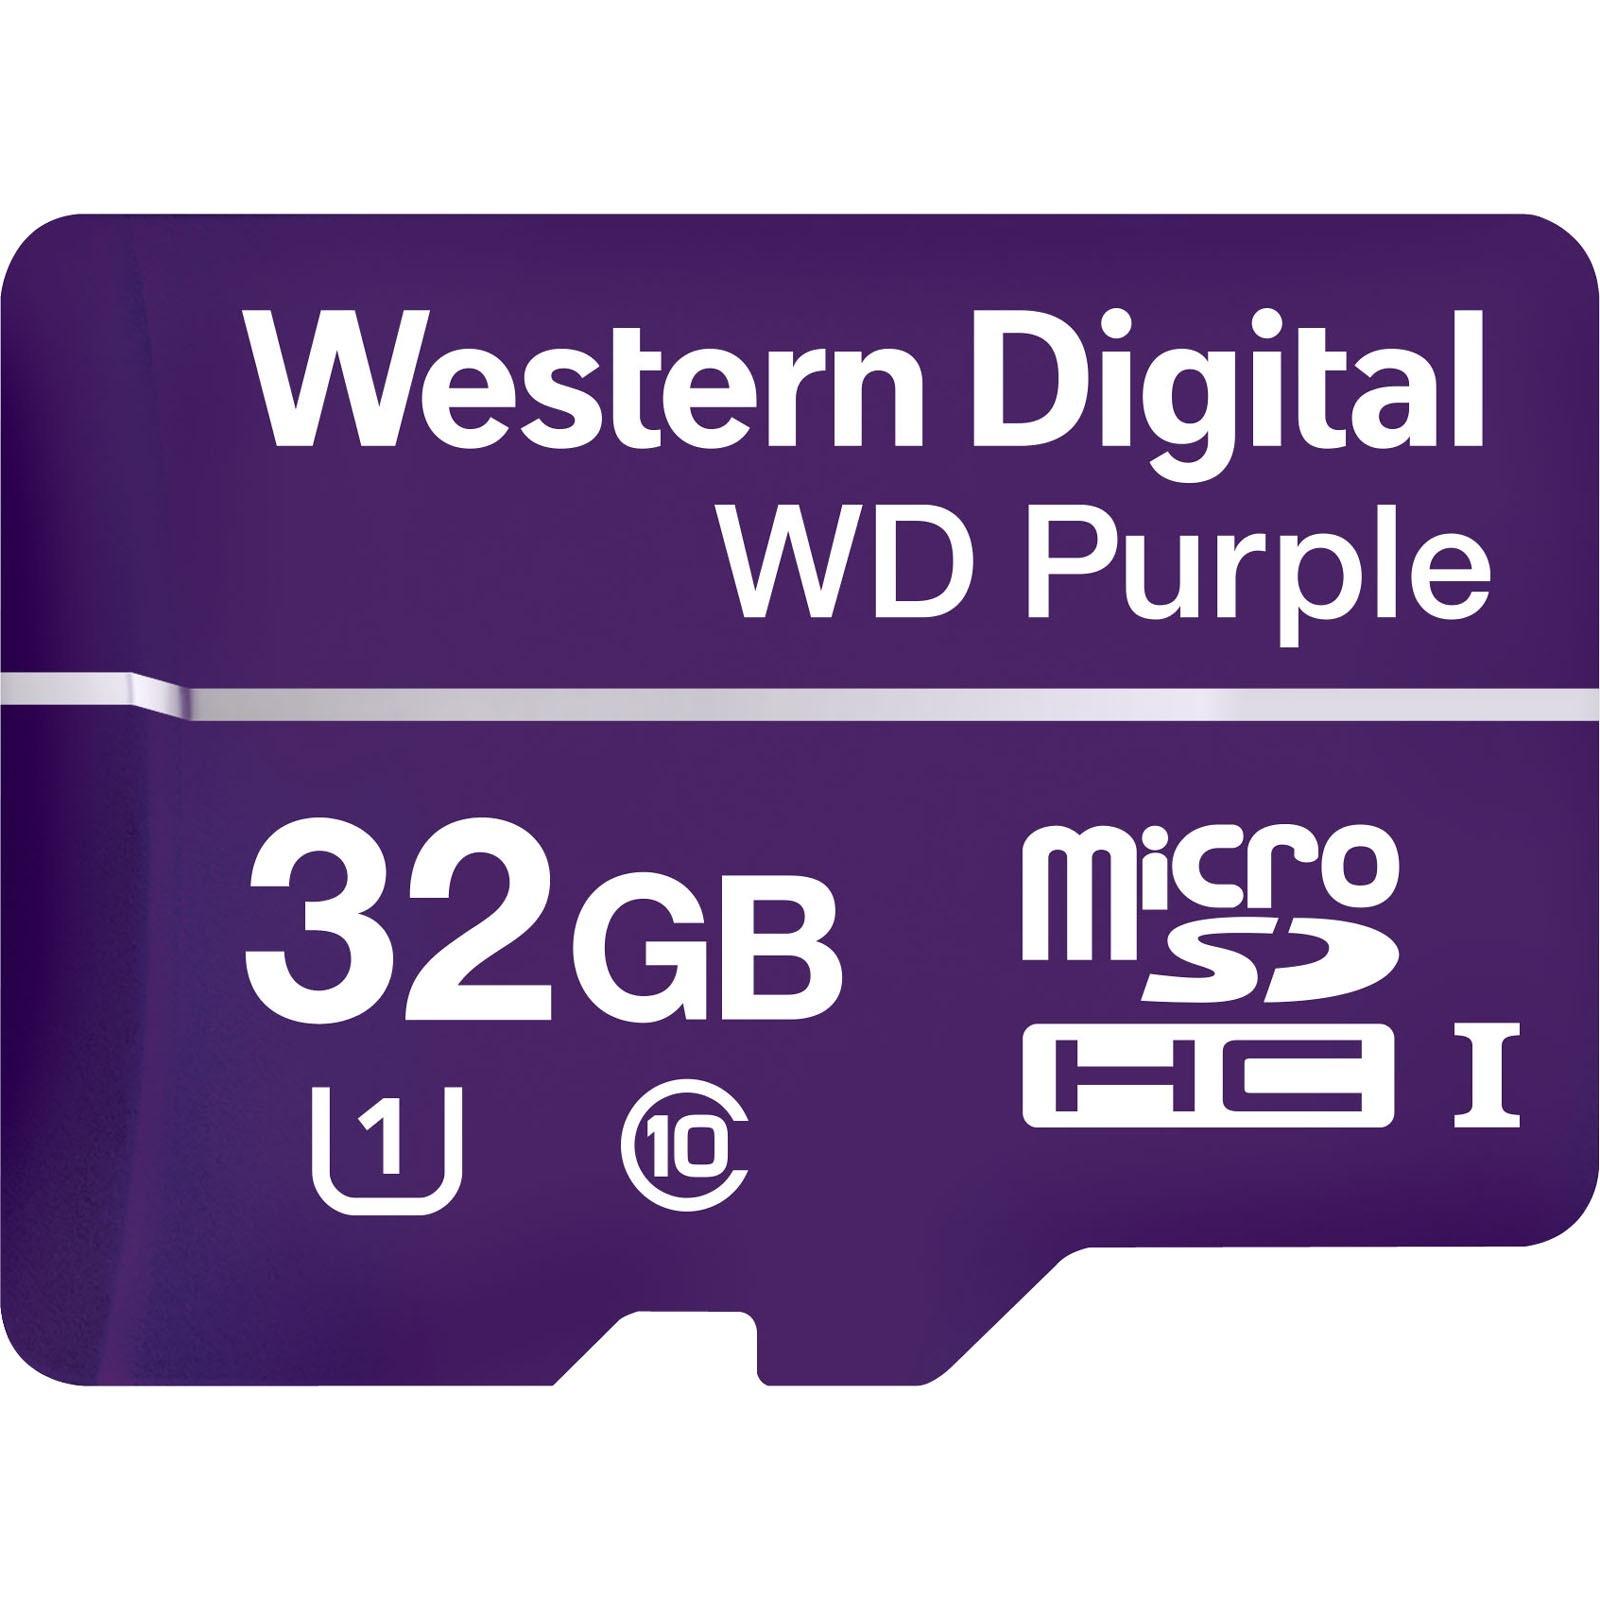 Cartão Micro SD 32GB WD Purple Western digital Intelbras